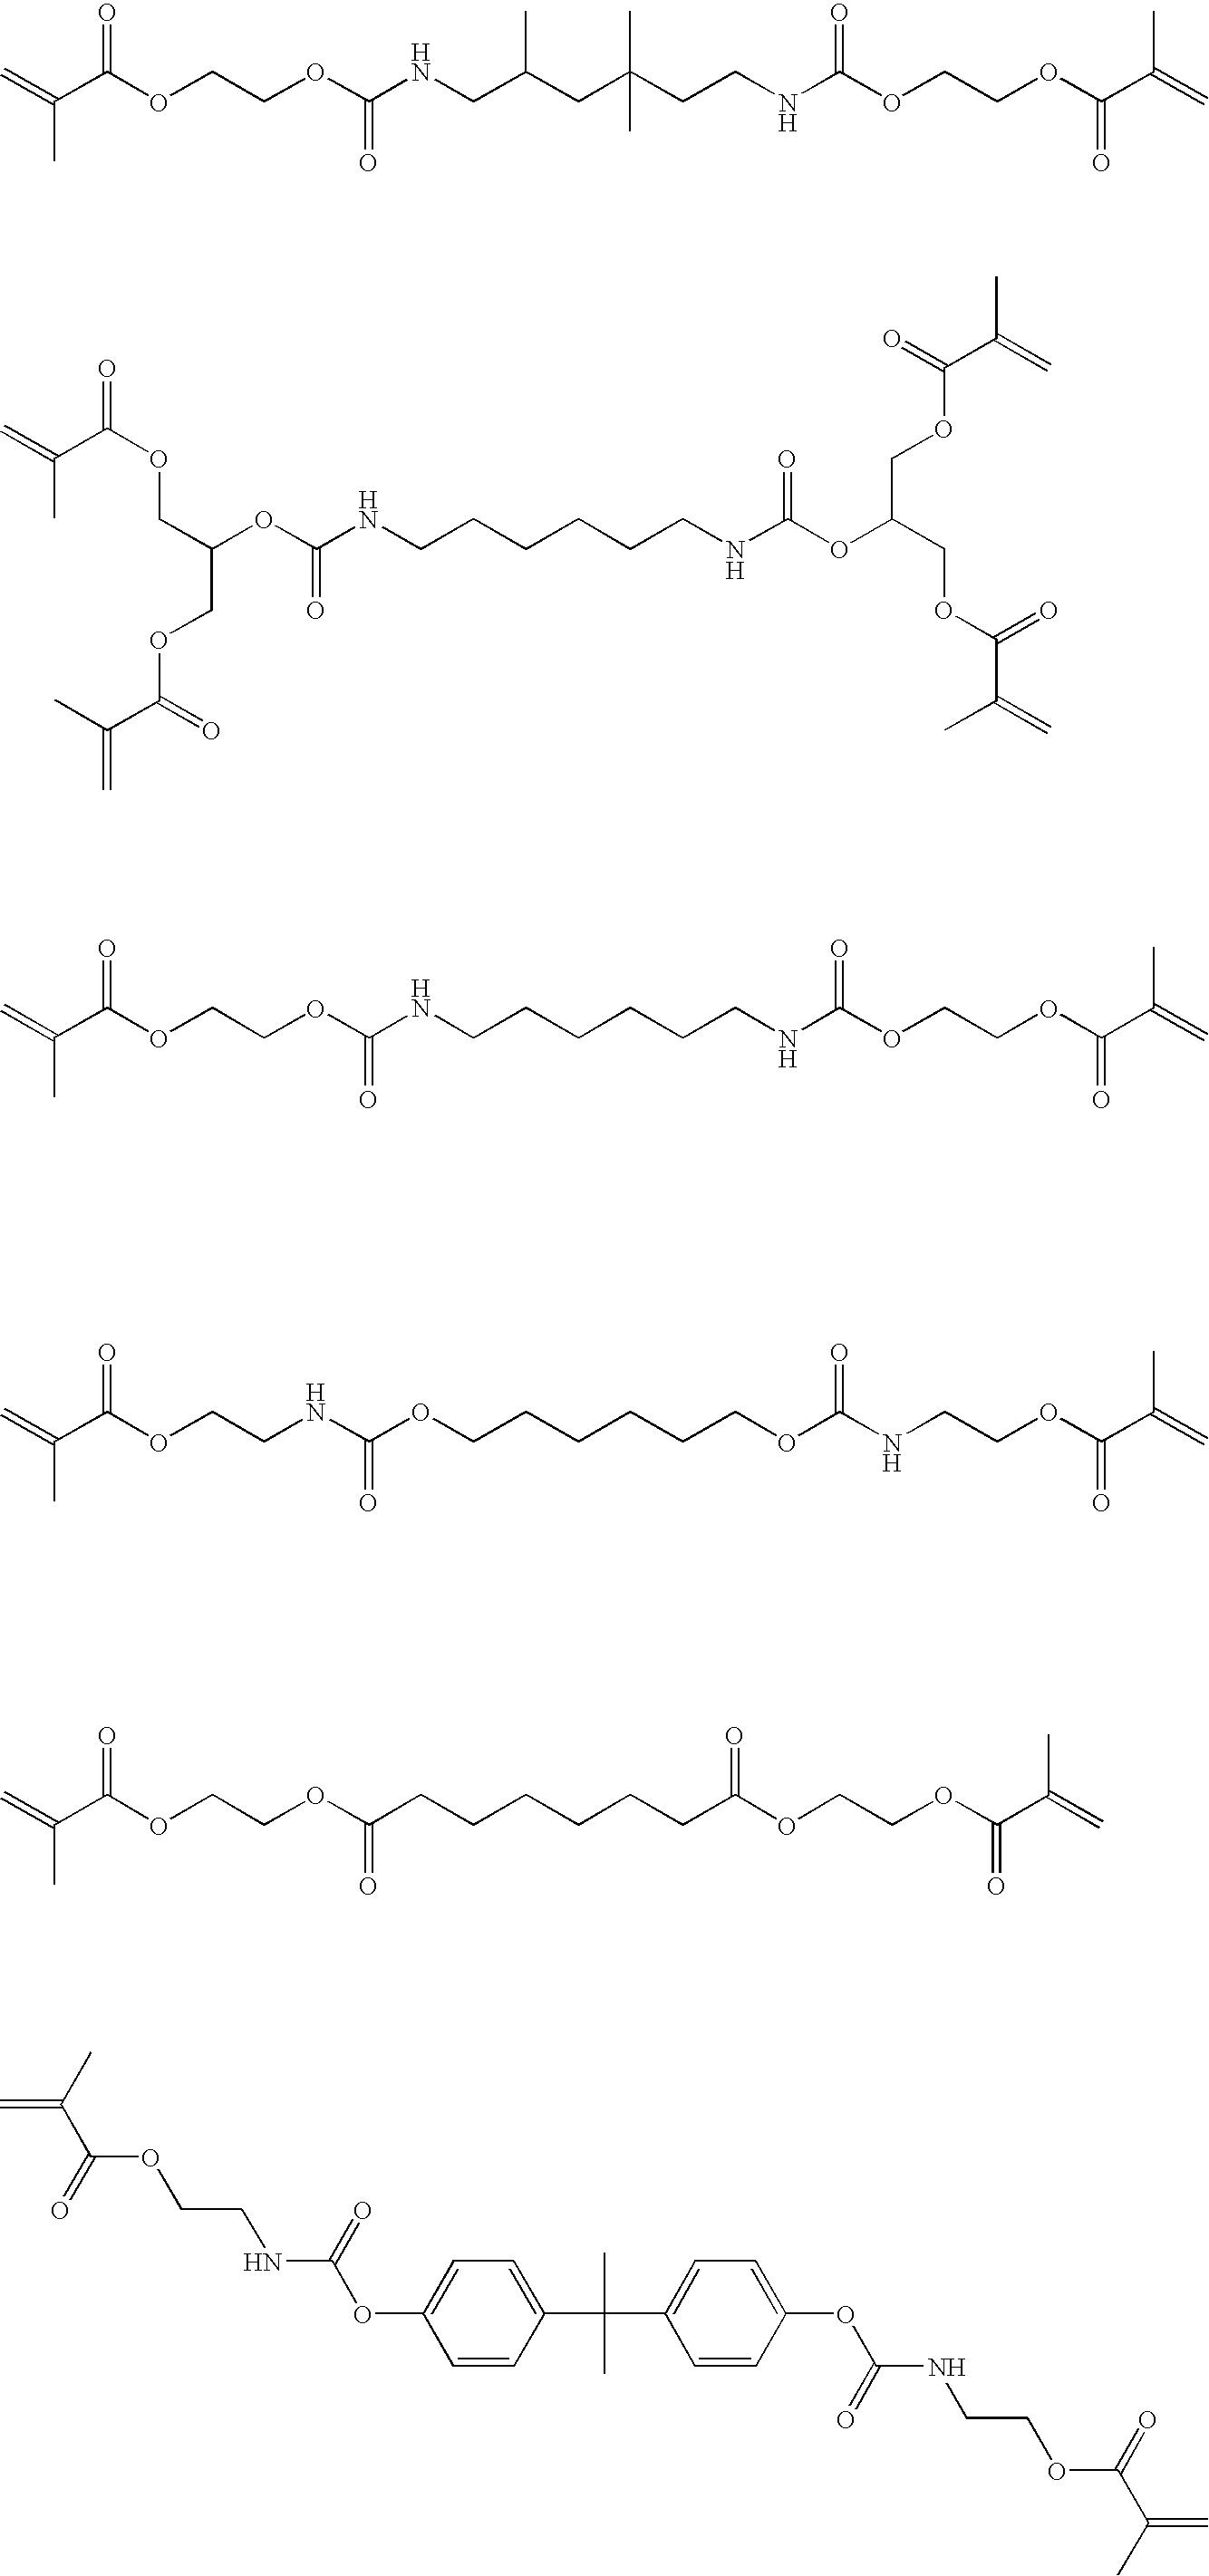 Figure US20090220753A1-20090903-C00002